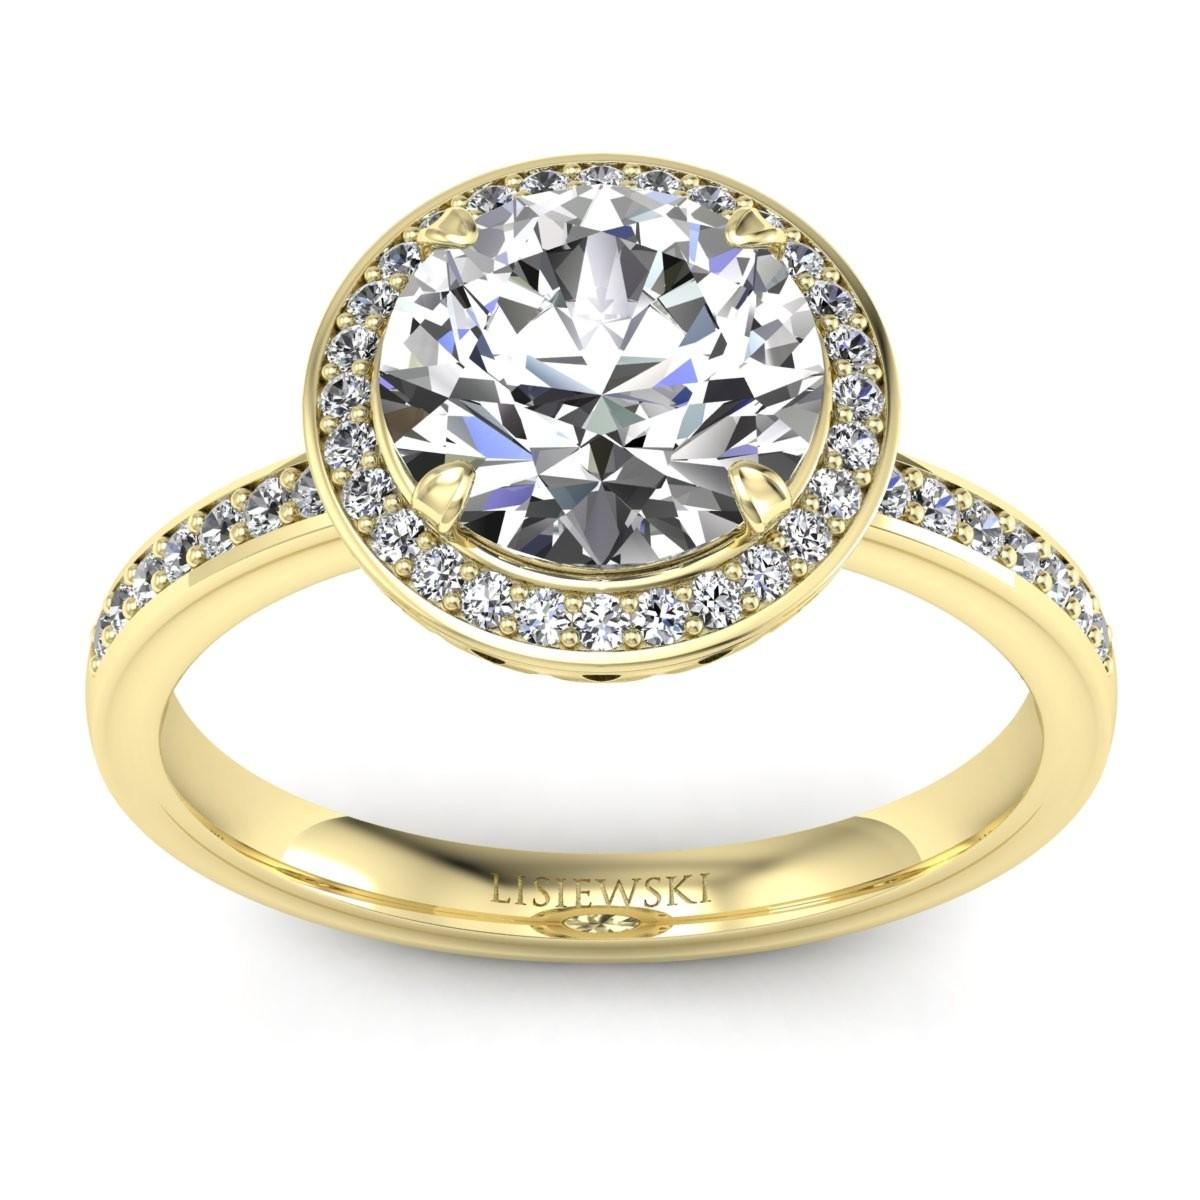 Manhattan - Złoty pierścionek z diamentami